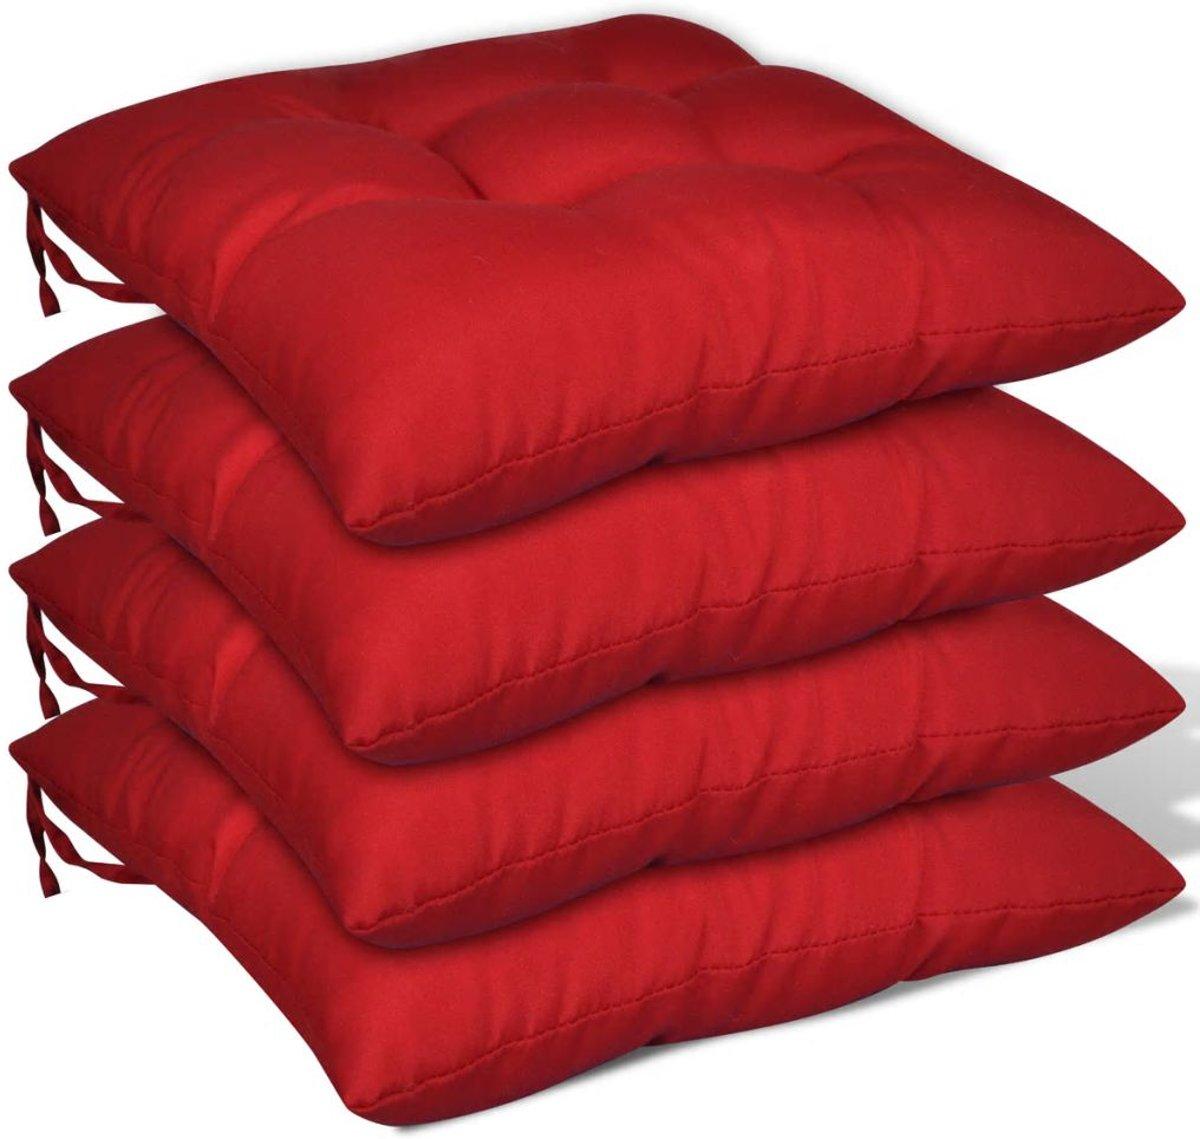 Stoelkussens rood set van 4 kopen